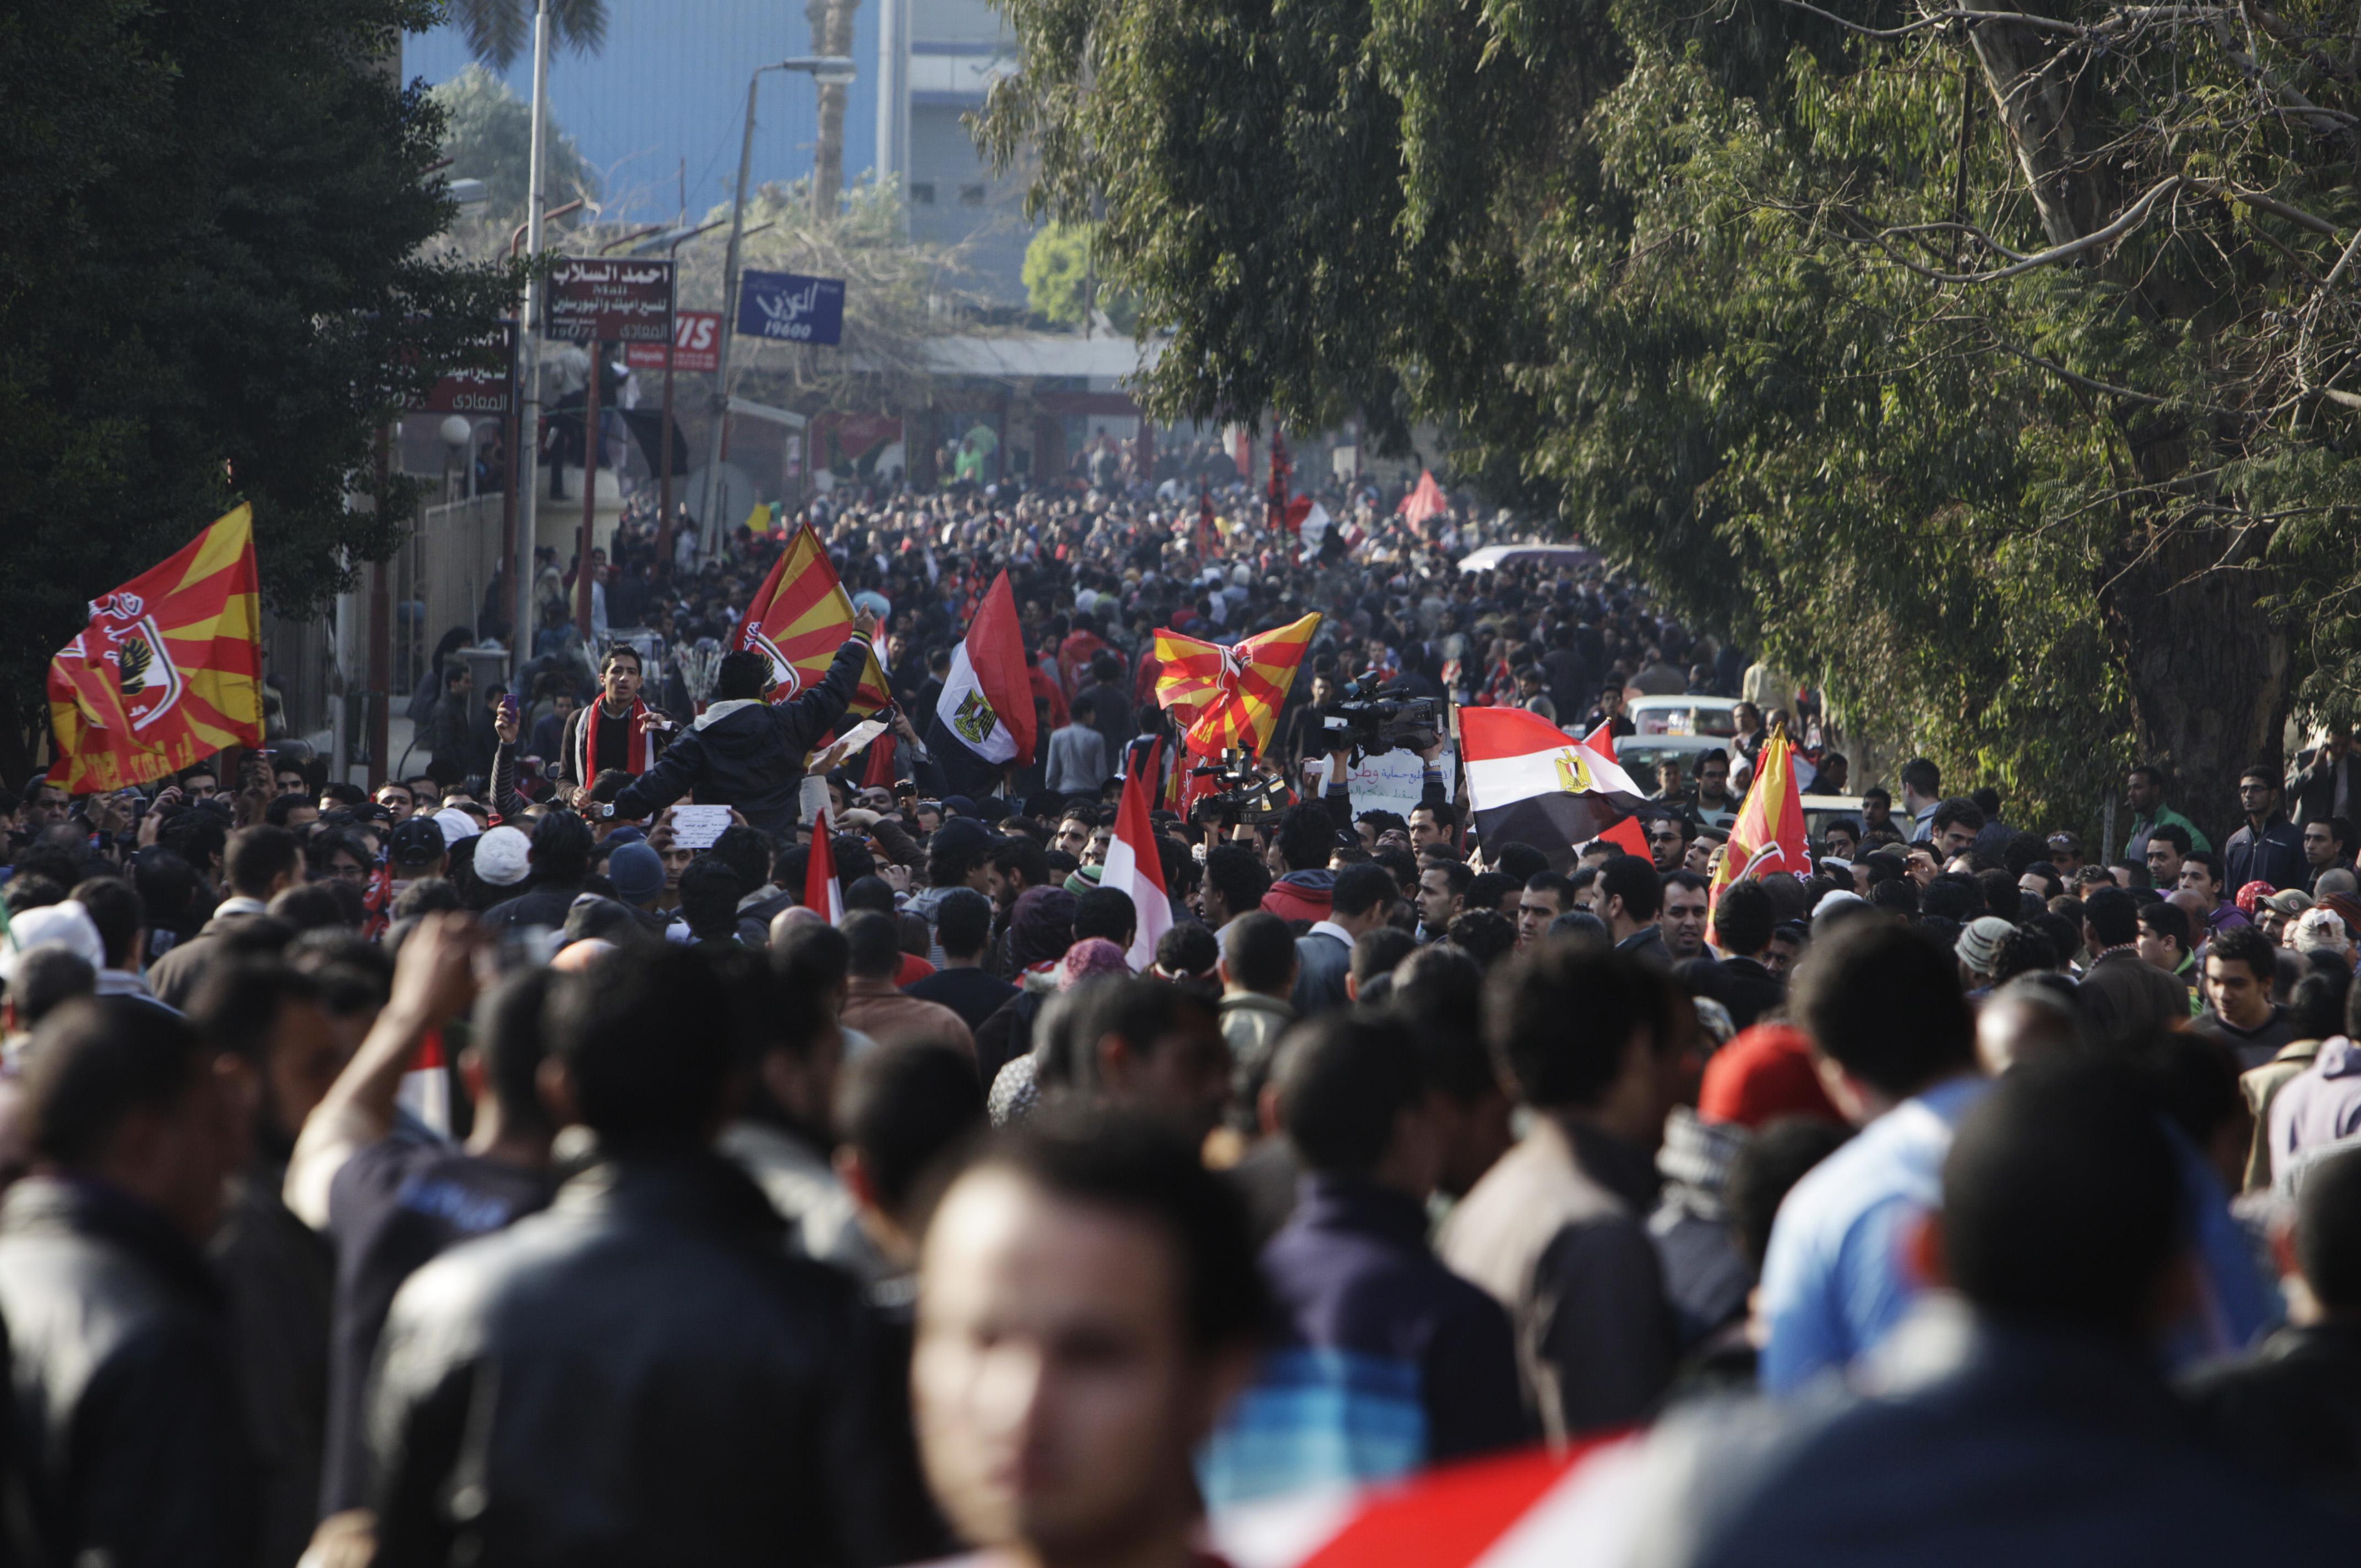 Мешканці Каїру вимагають стратити главу тимчасового уряду Єгипту